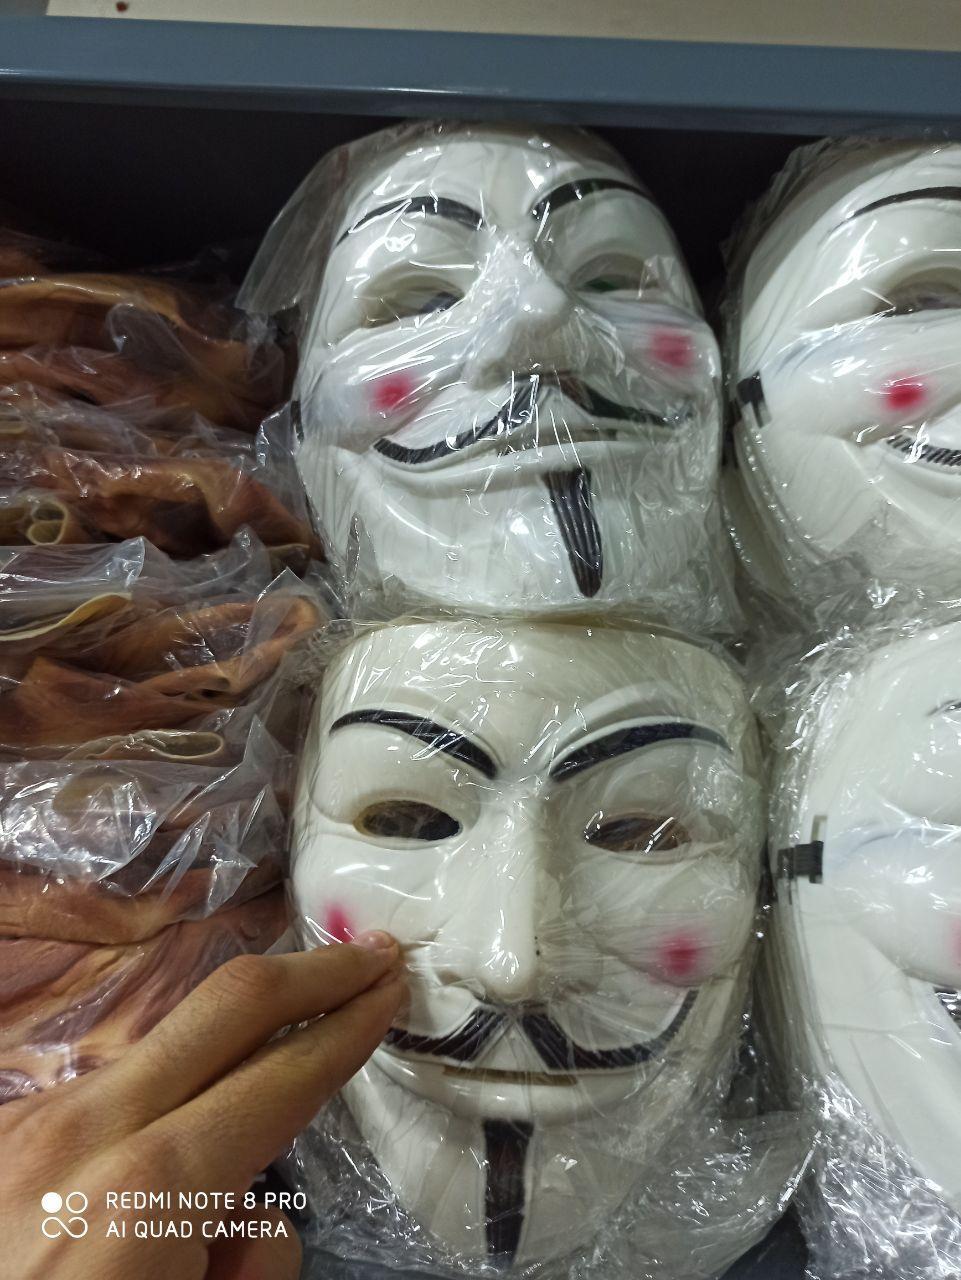 خرید عمده لوازم هالووین ماسک وی و فردی